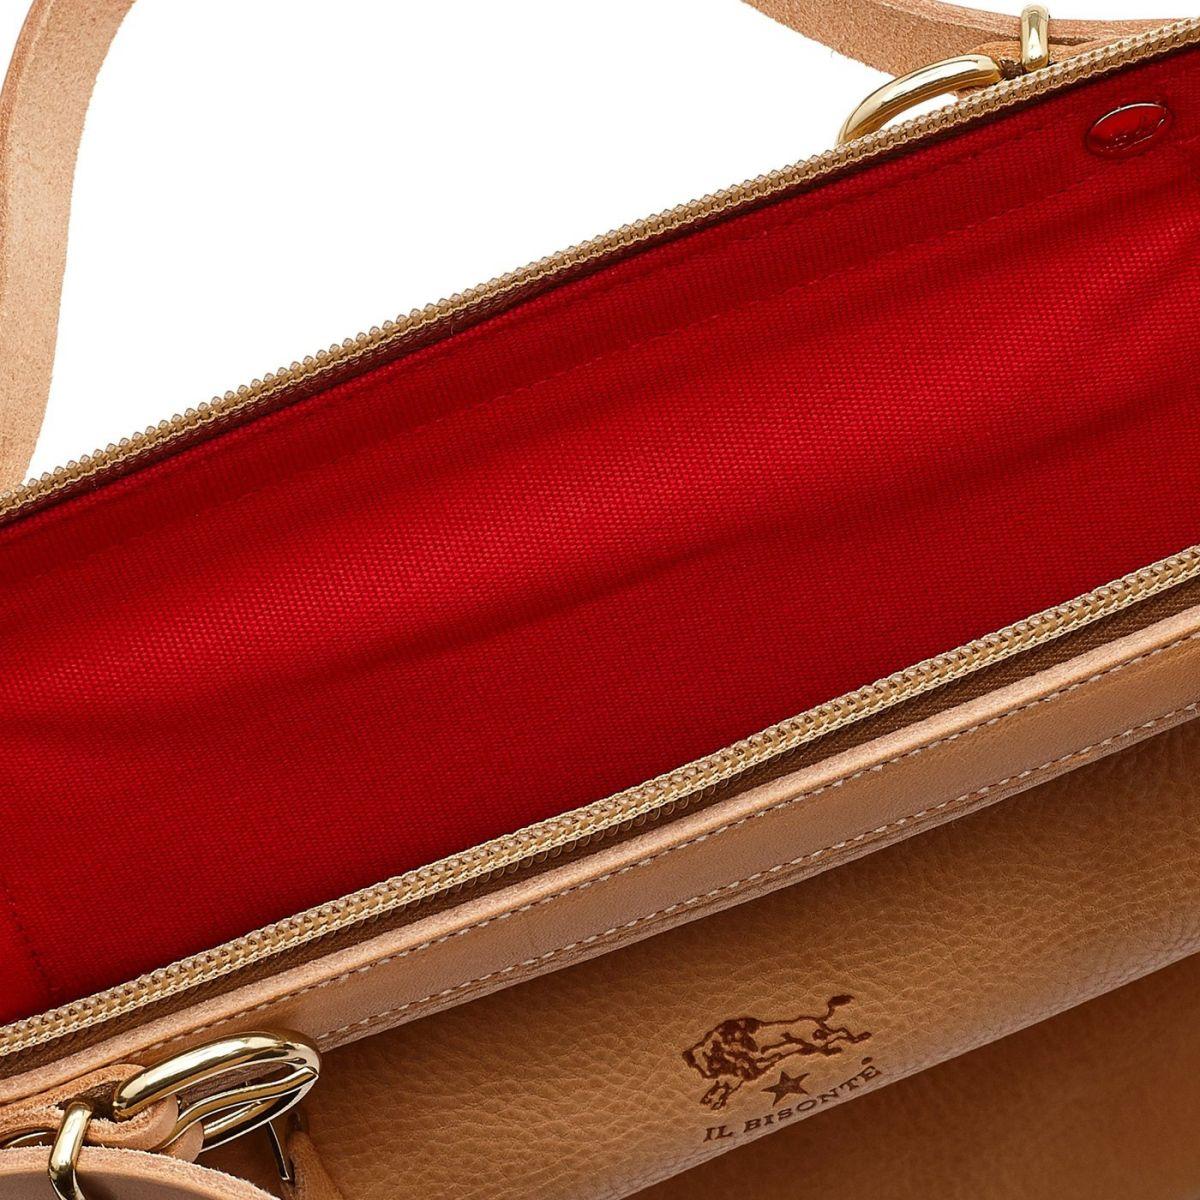 Caramella  - Sac Epaule pour Femme  en Cotton Canvas BSH025 couleur Rouge/Naturel | Details